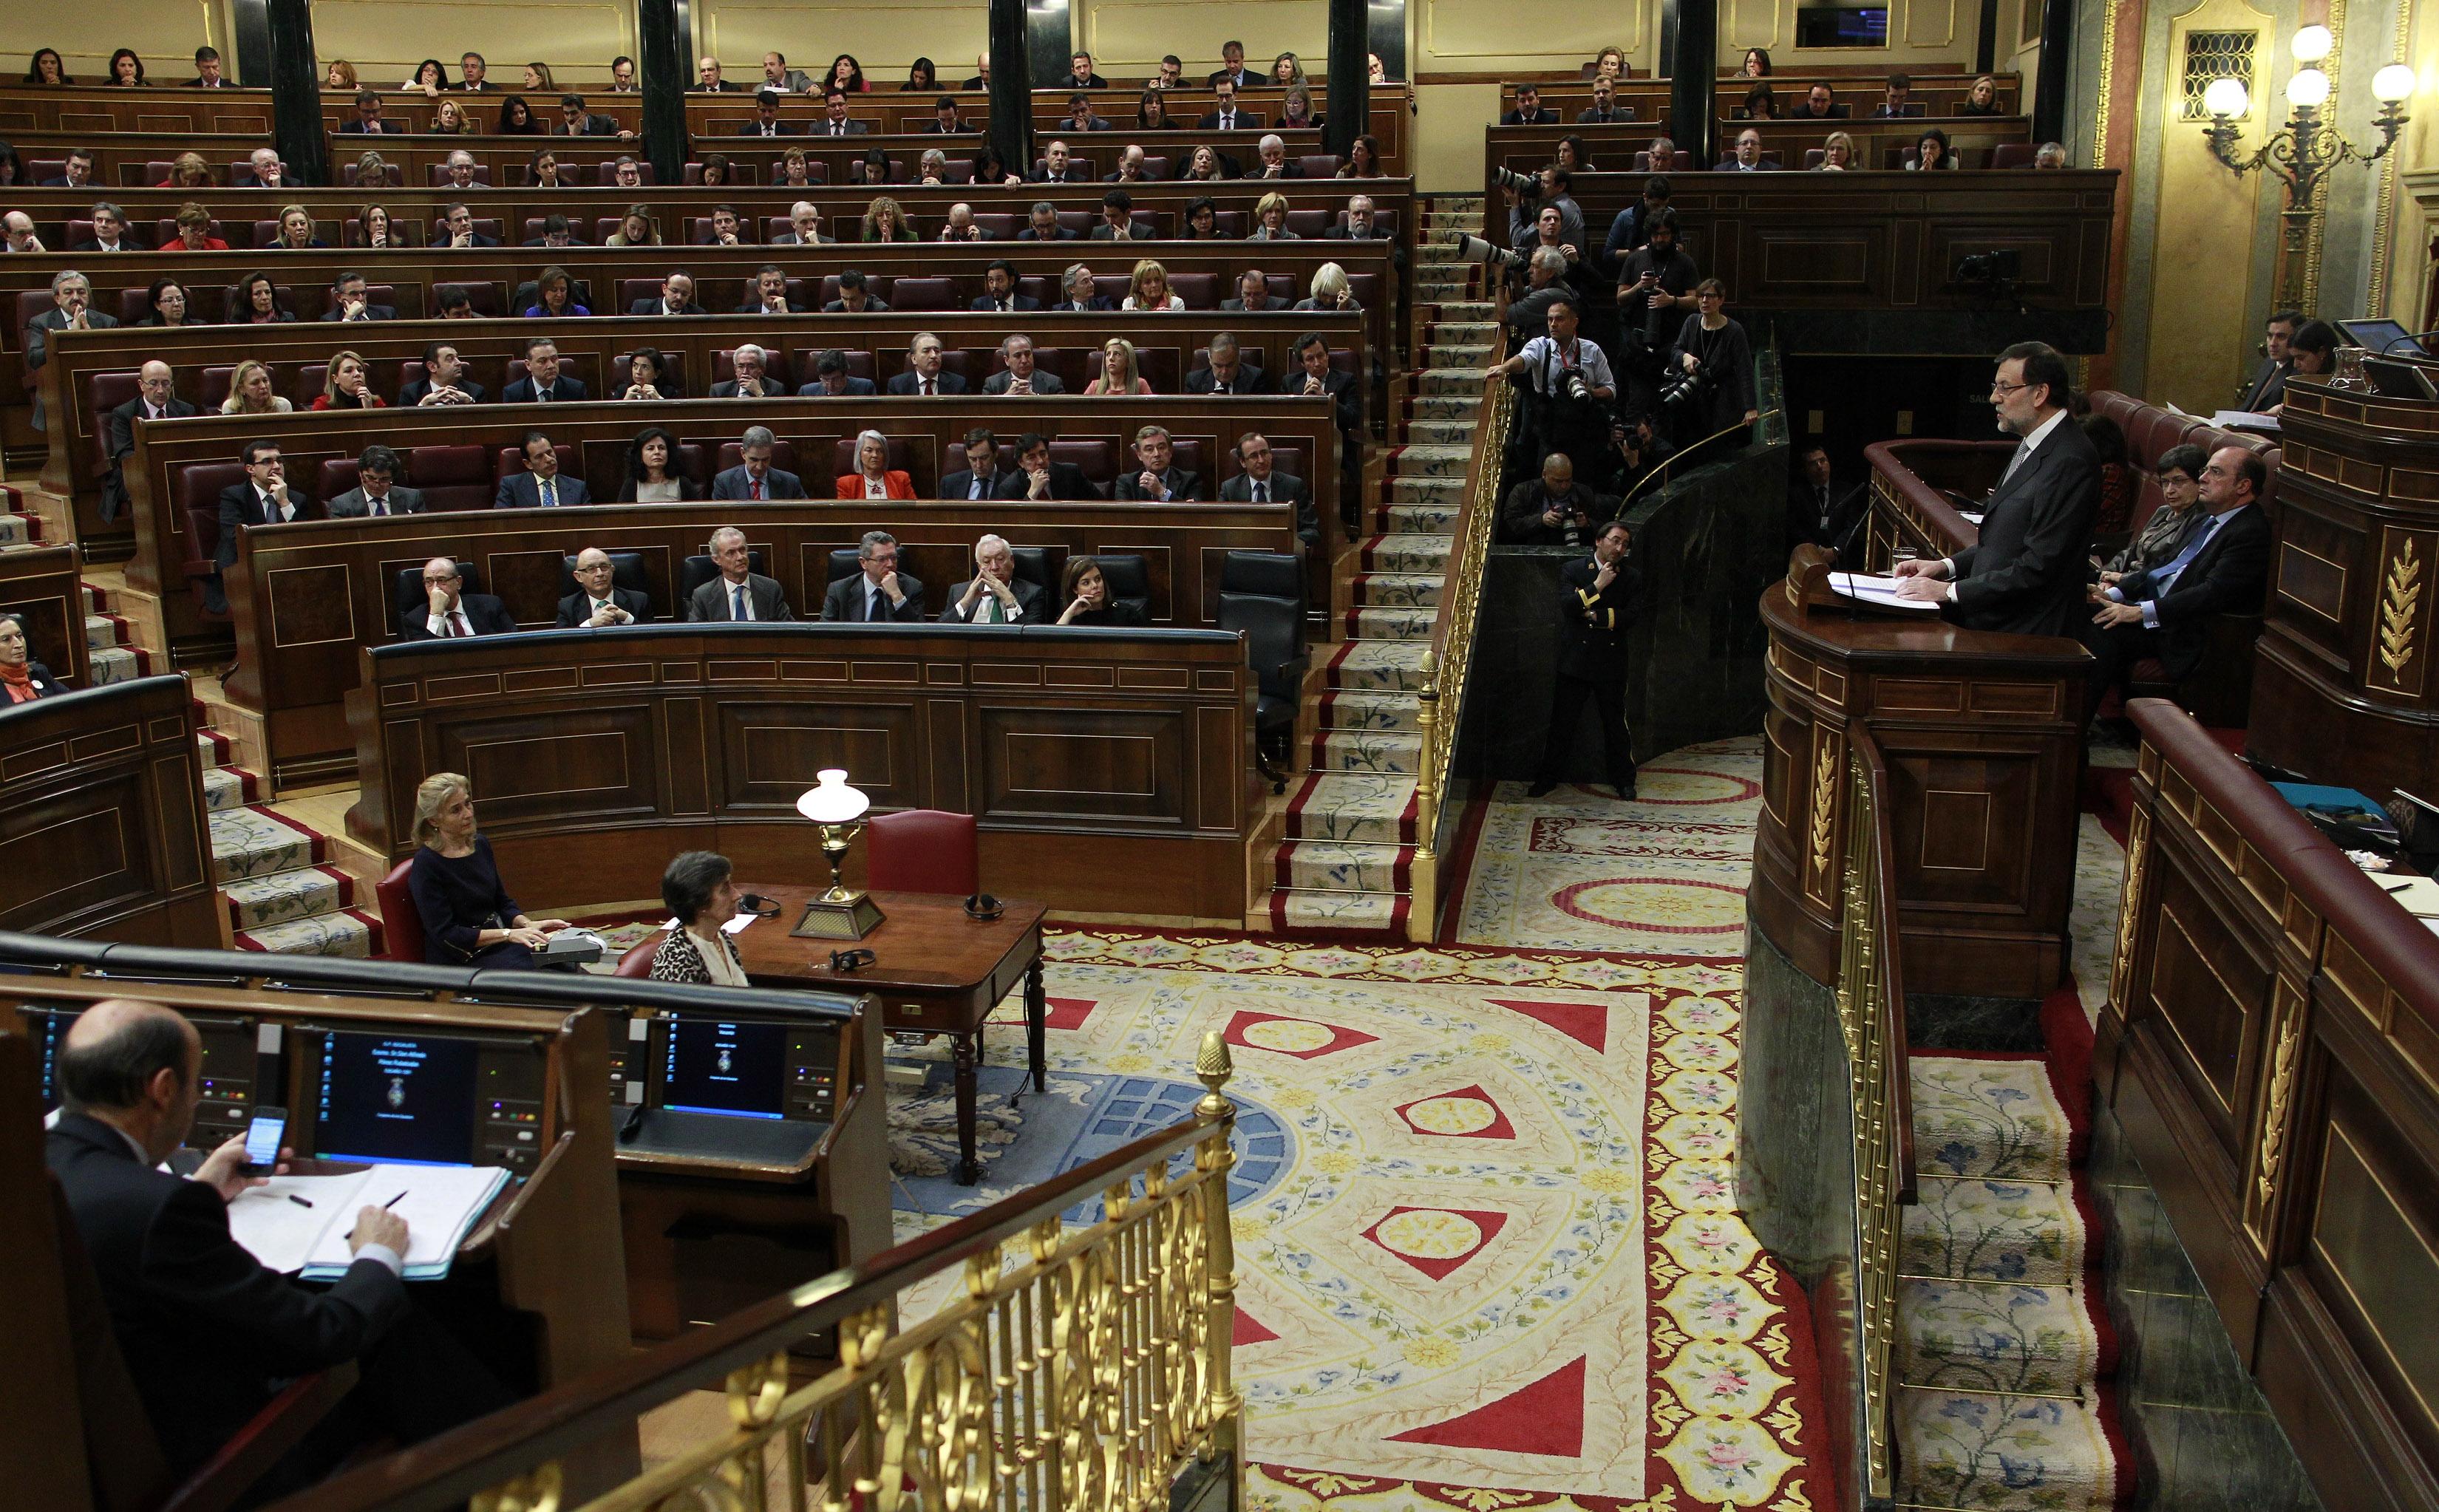 mariano rajoy, presidente del gobierno, durante el debate del estado de la nación